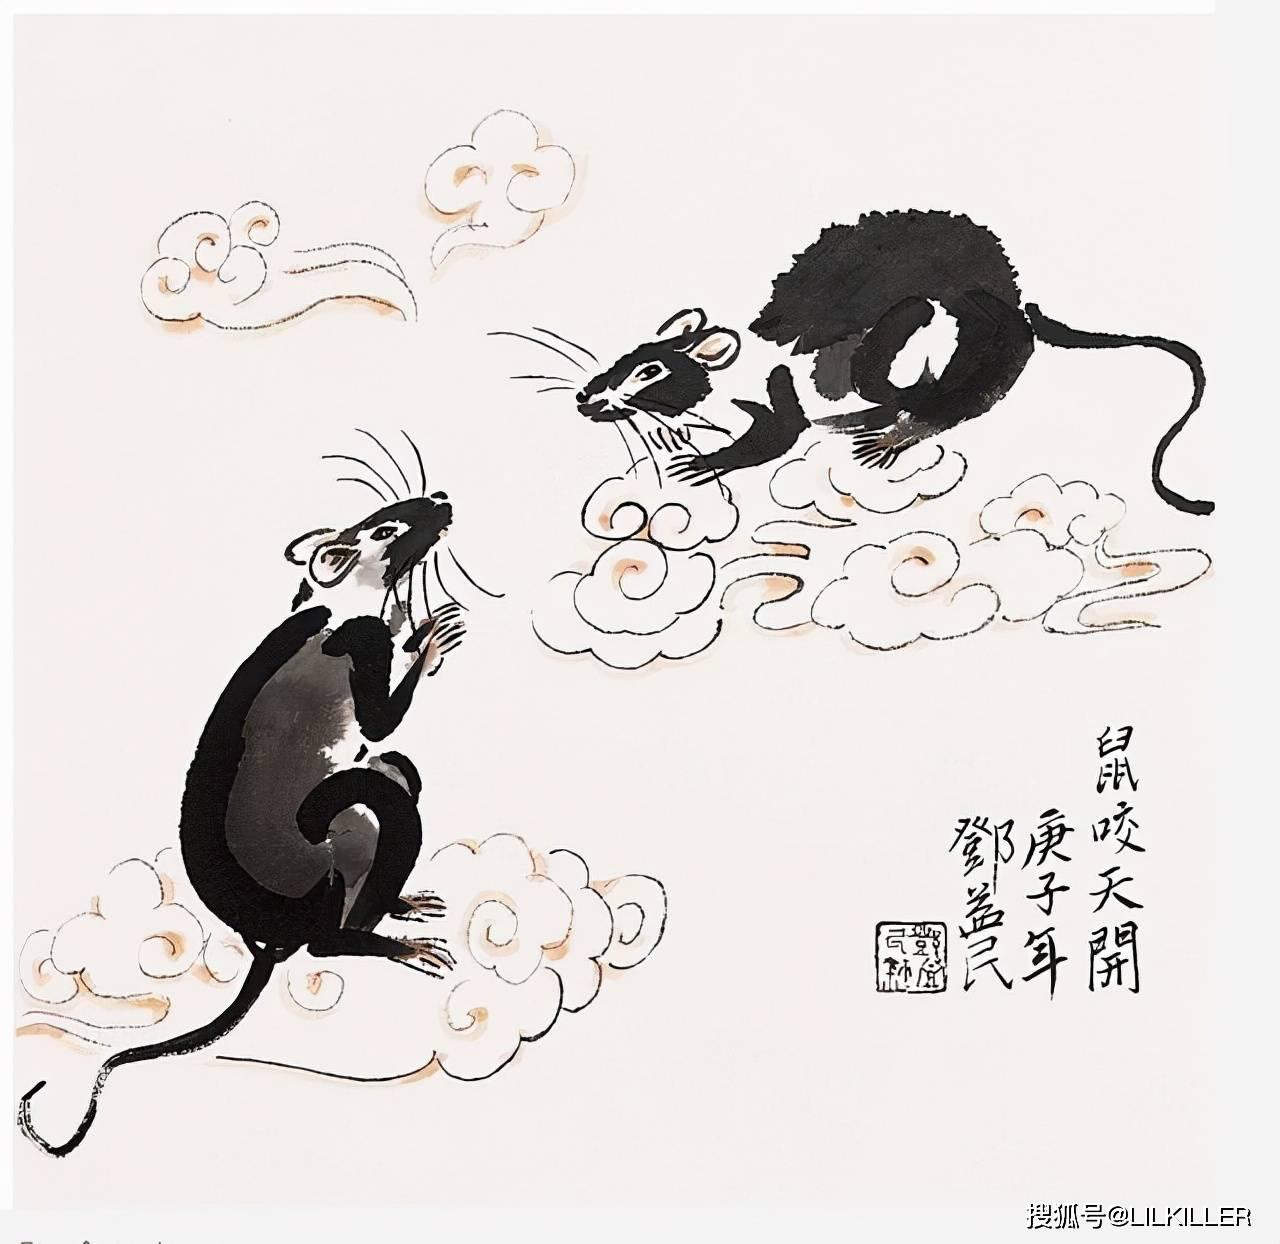 属鼠和属猪的姻缘如何 1995属猪女与96属鼠男